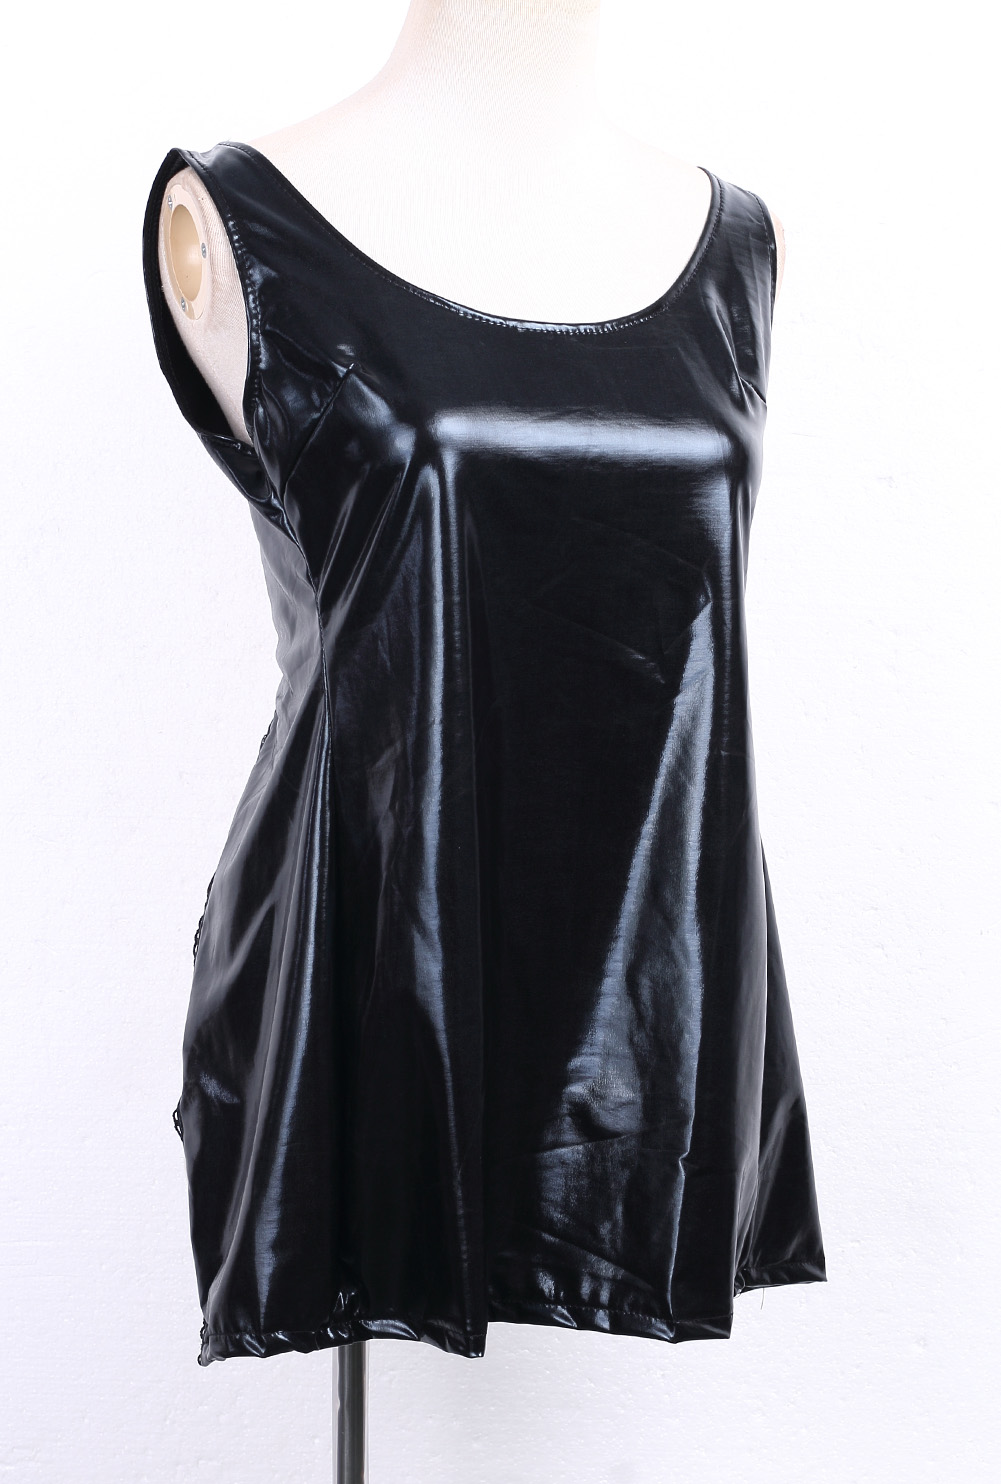 Сексуальные женщины ПВХ искусственная кожа мокрой вид мини Bodycon платье нижнее белье Клубная одежда